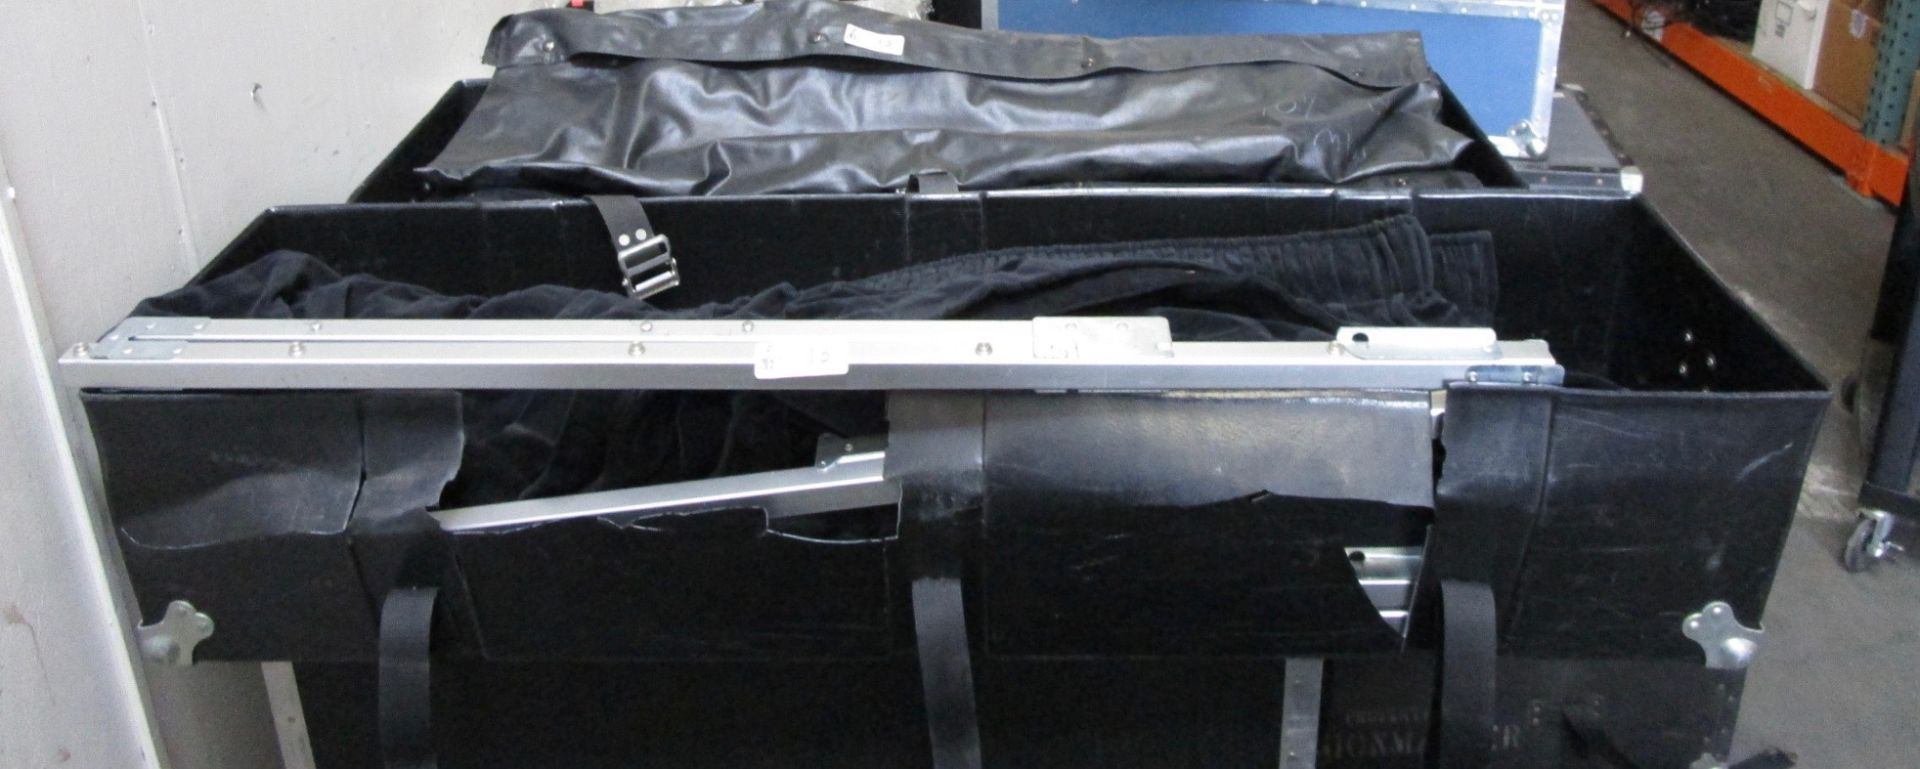 Lot 13 - BLACK DRESS KIT